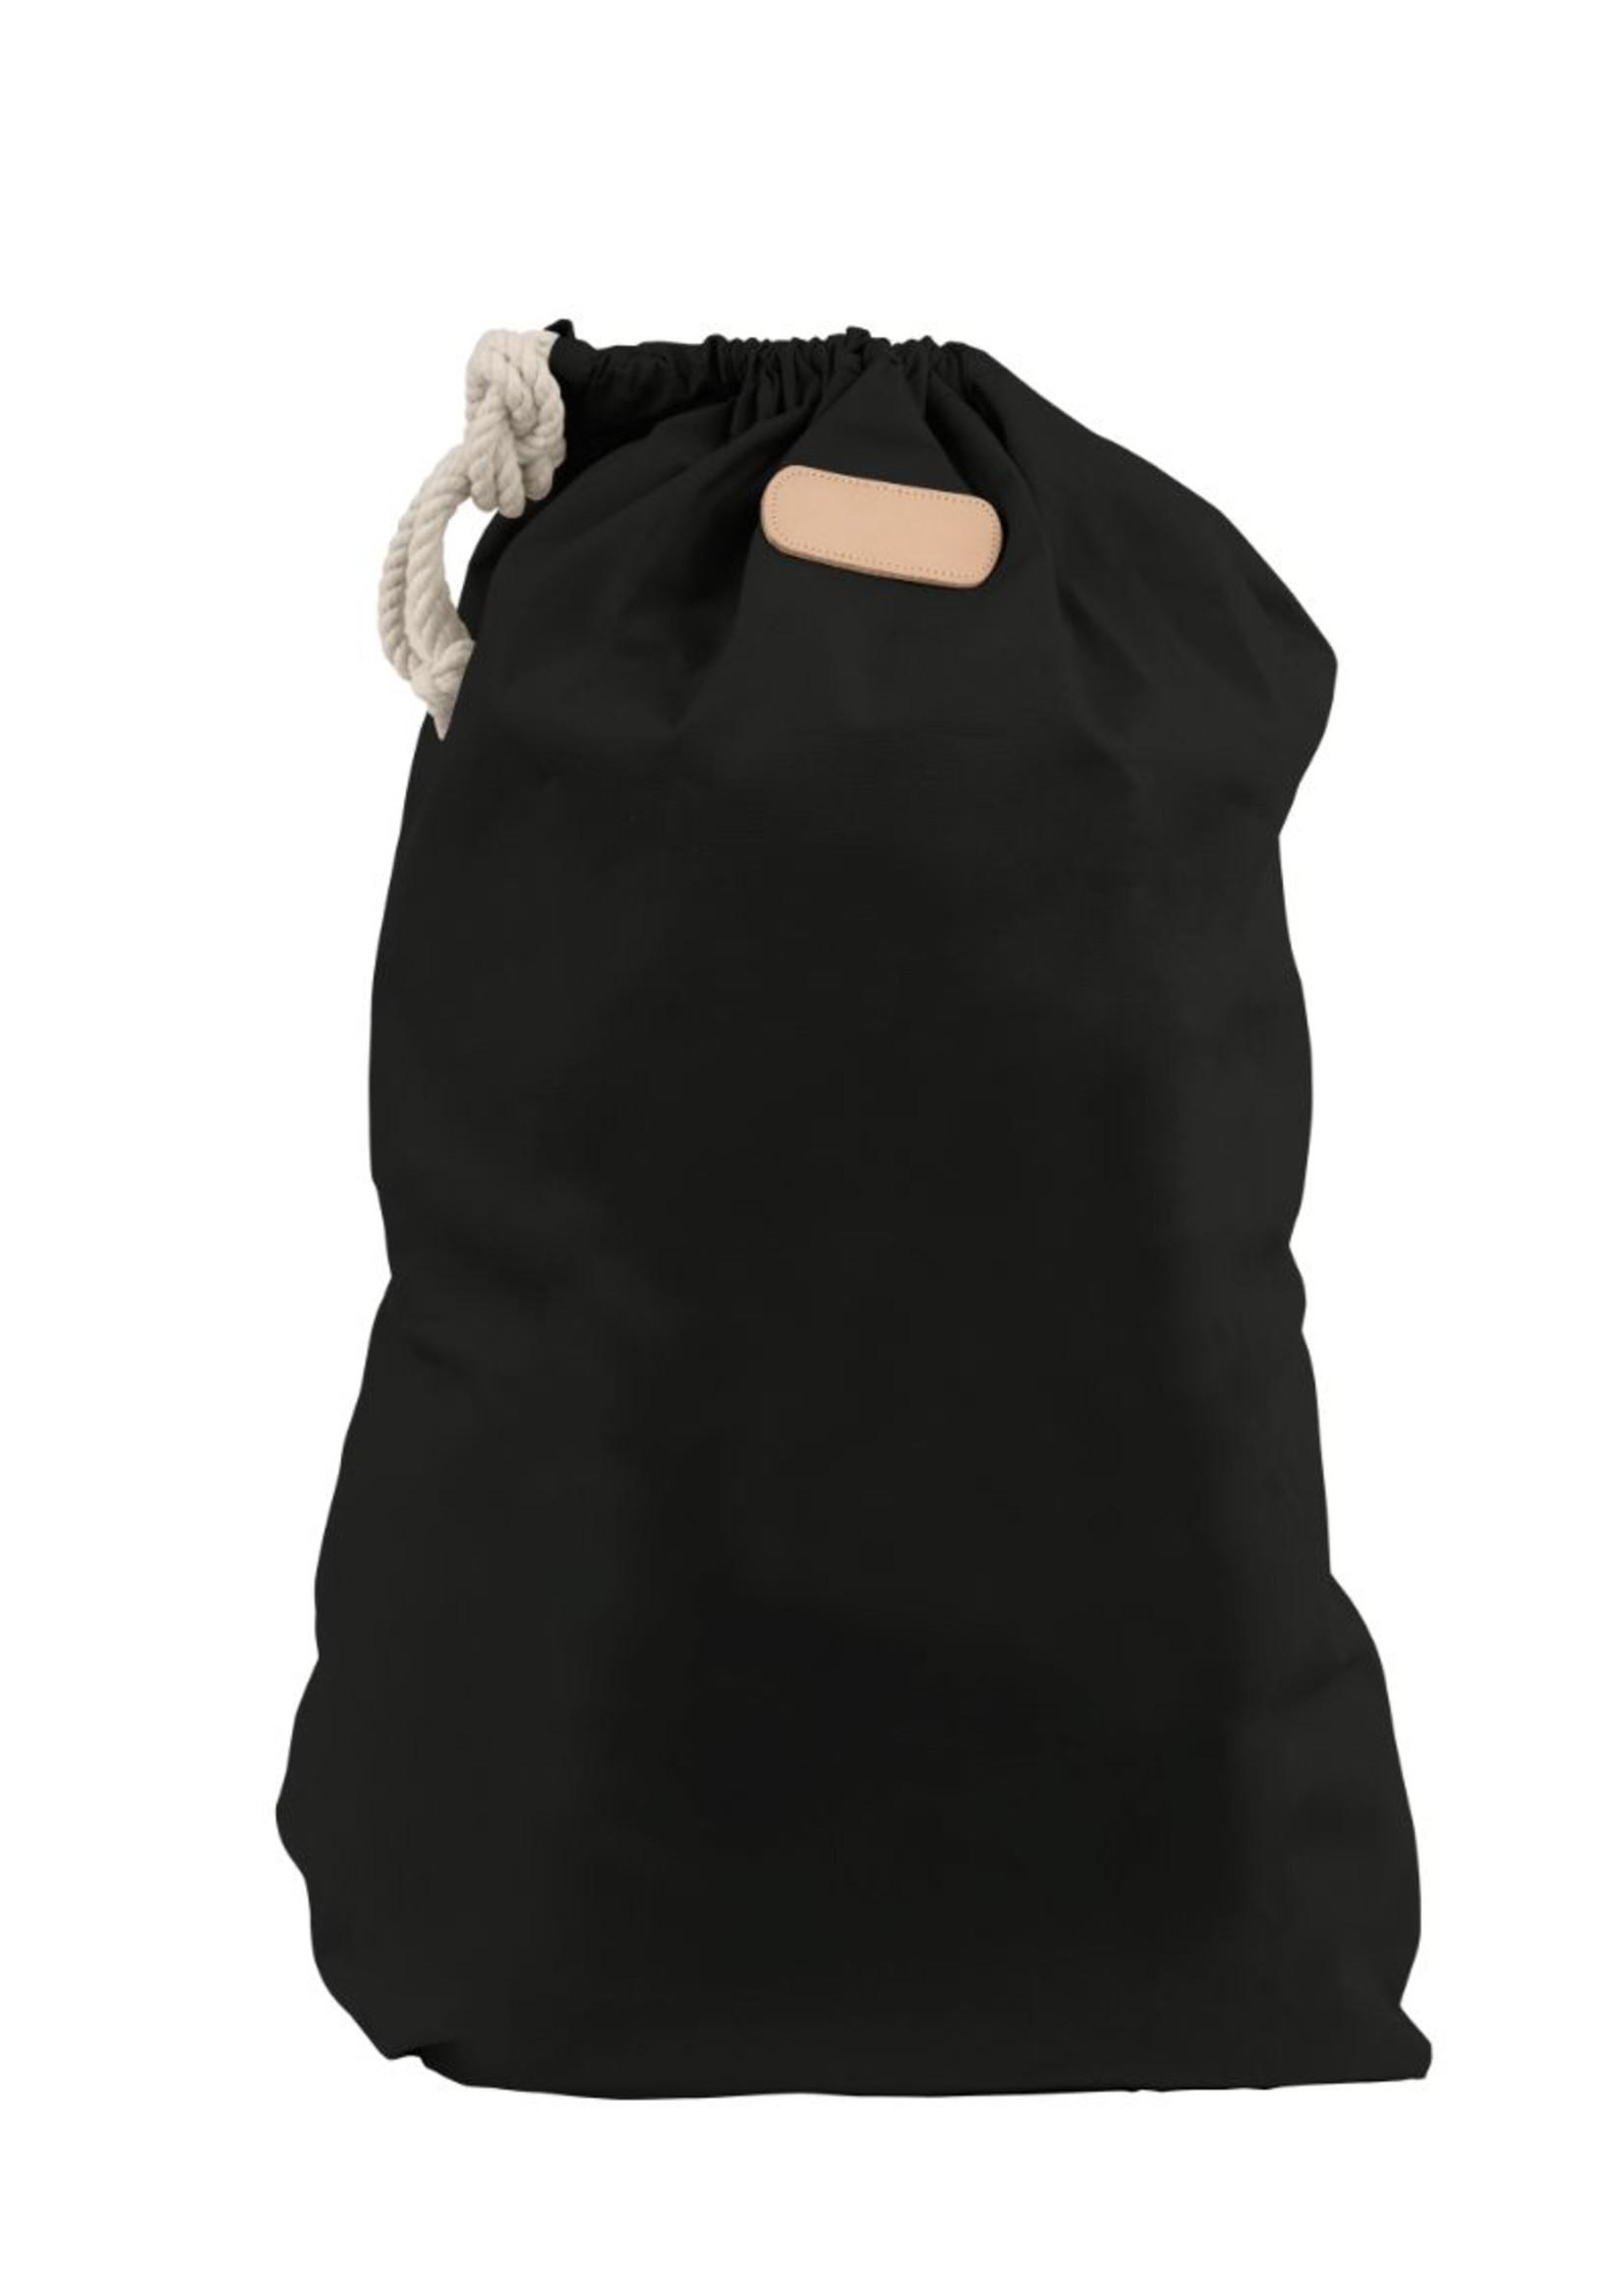 Jon Hart Large Laundry Bag